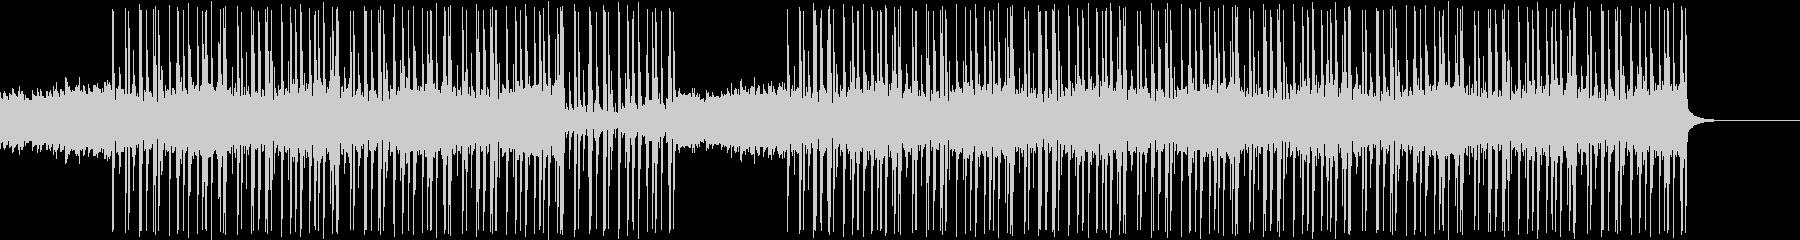 オリエンタルな弦楽曲、紹介・宣伝動画にの未再生の波形